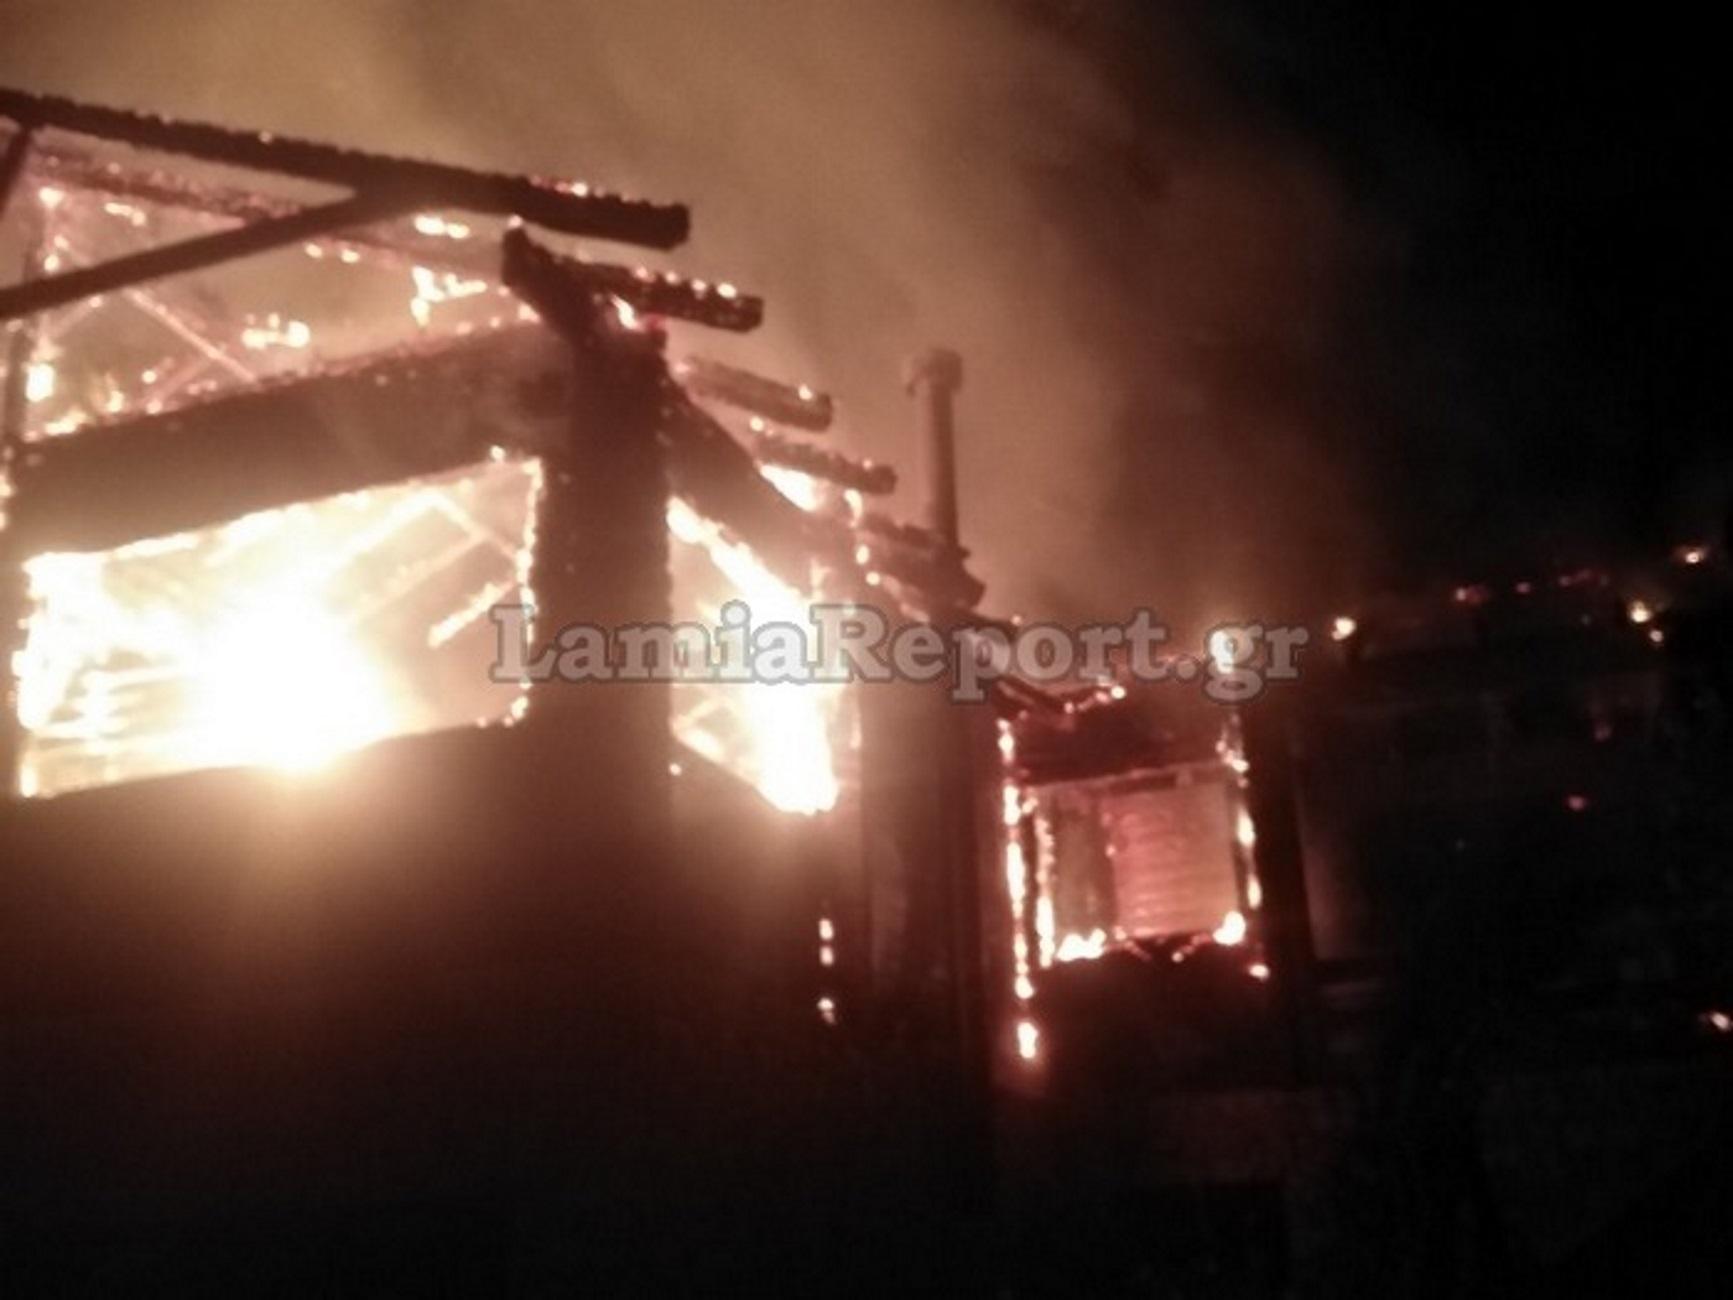 Φωκίδα: Φωτιά έκανε στάχτη το διώροφο σαλέ! Μάχη για να μην επεκταθούν οι φλόγες [pic]